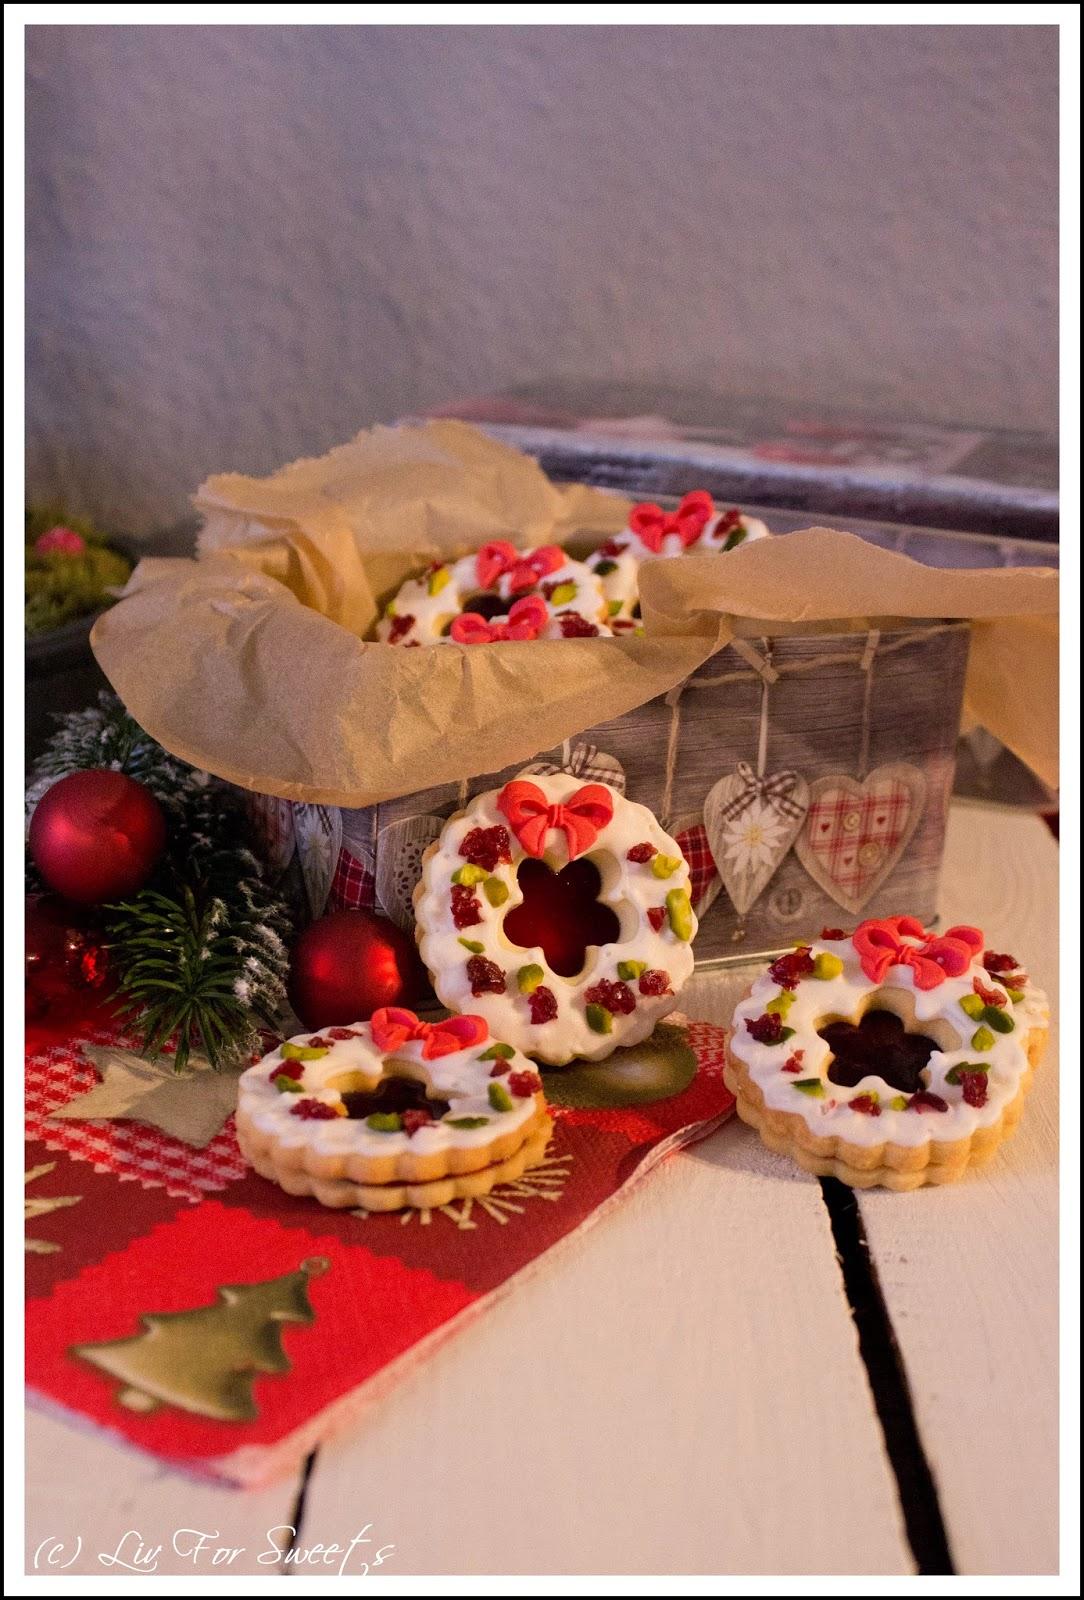 Weihnachtskranz-Kekse mit Pistazien, Cranberrys und Kirschkonfitüre, Mürbeteig, Weihnachten, Plätzchen, Rezept, Thermomix